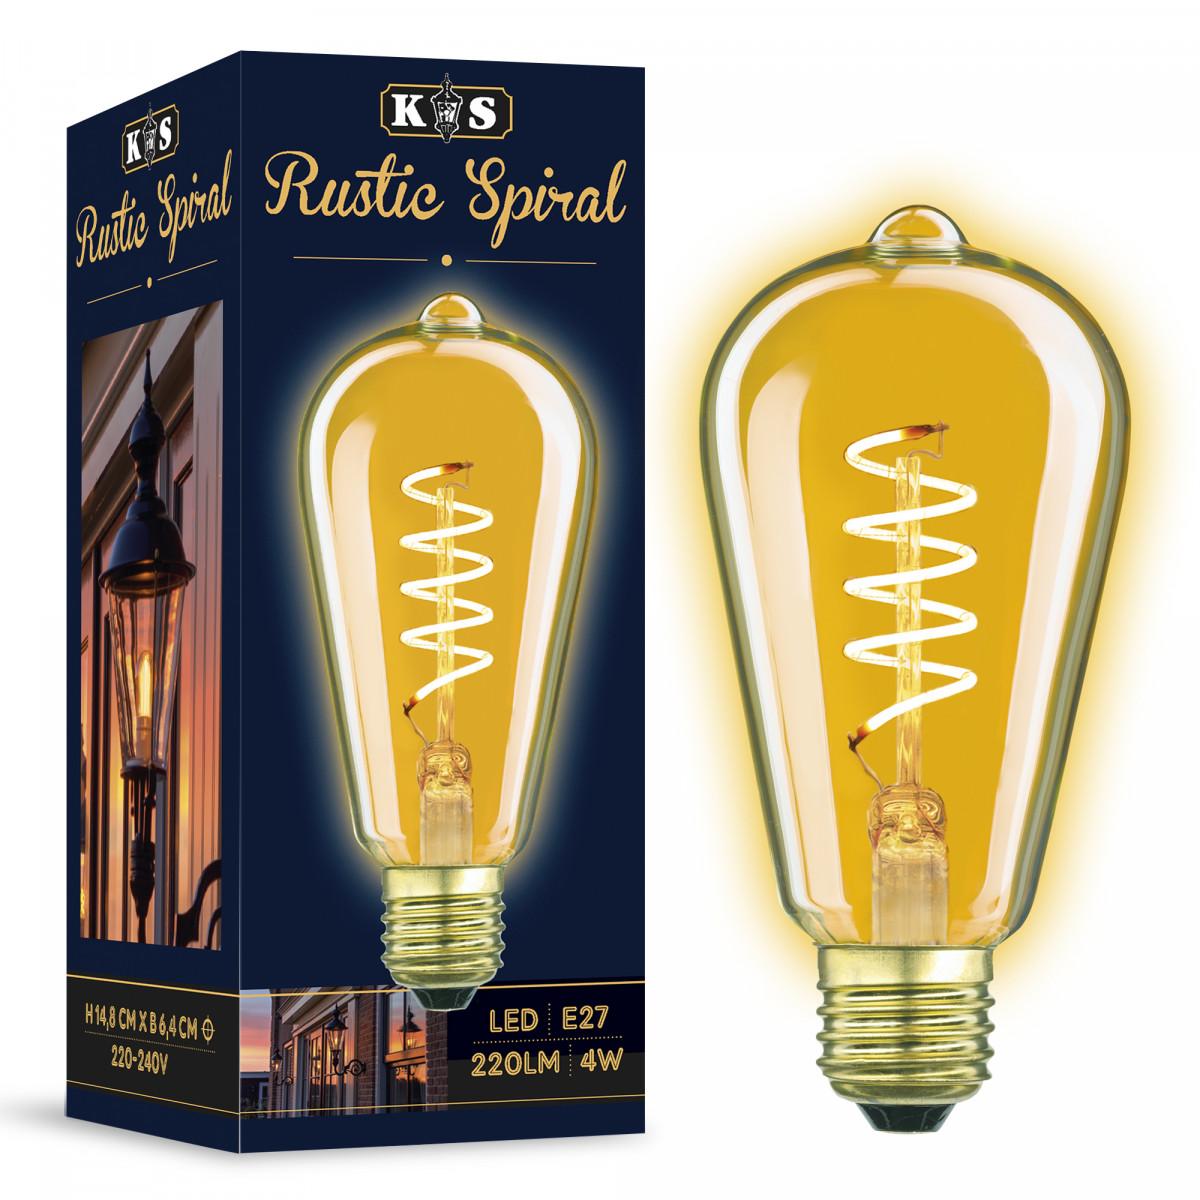 Ledlamp Rustic Spiral - 4 Watt - 220 Lumen